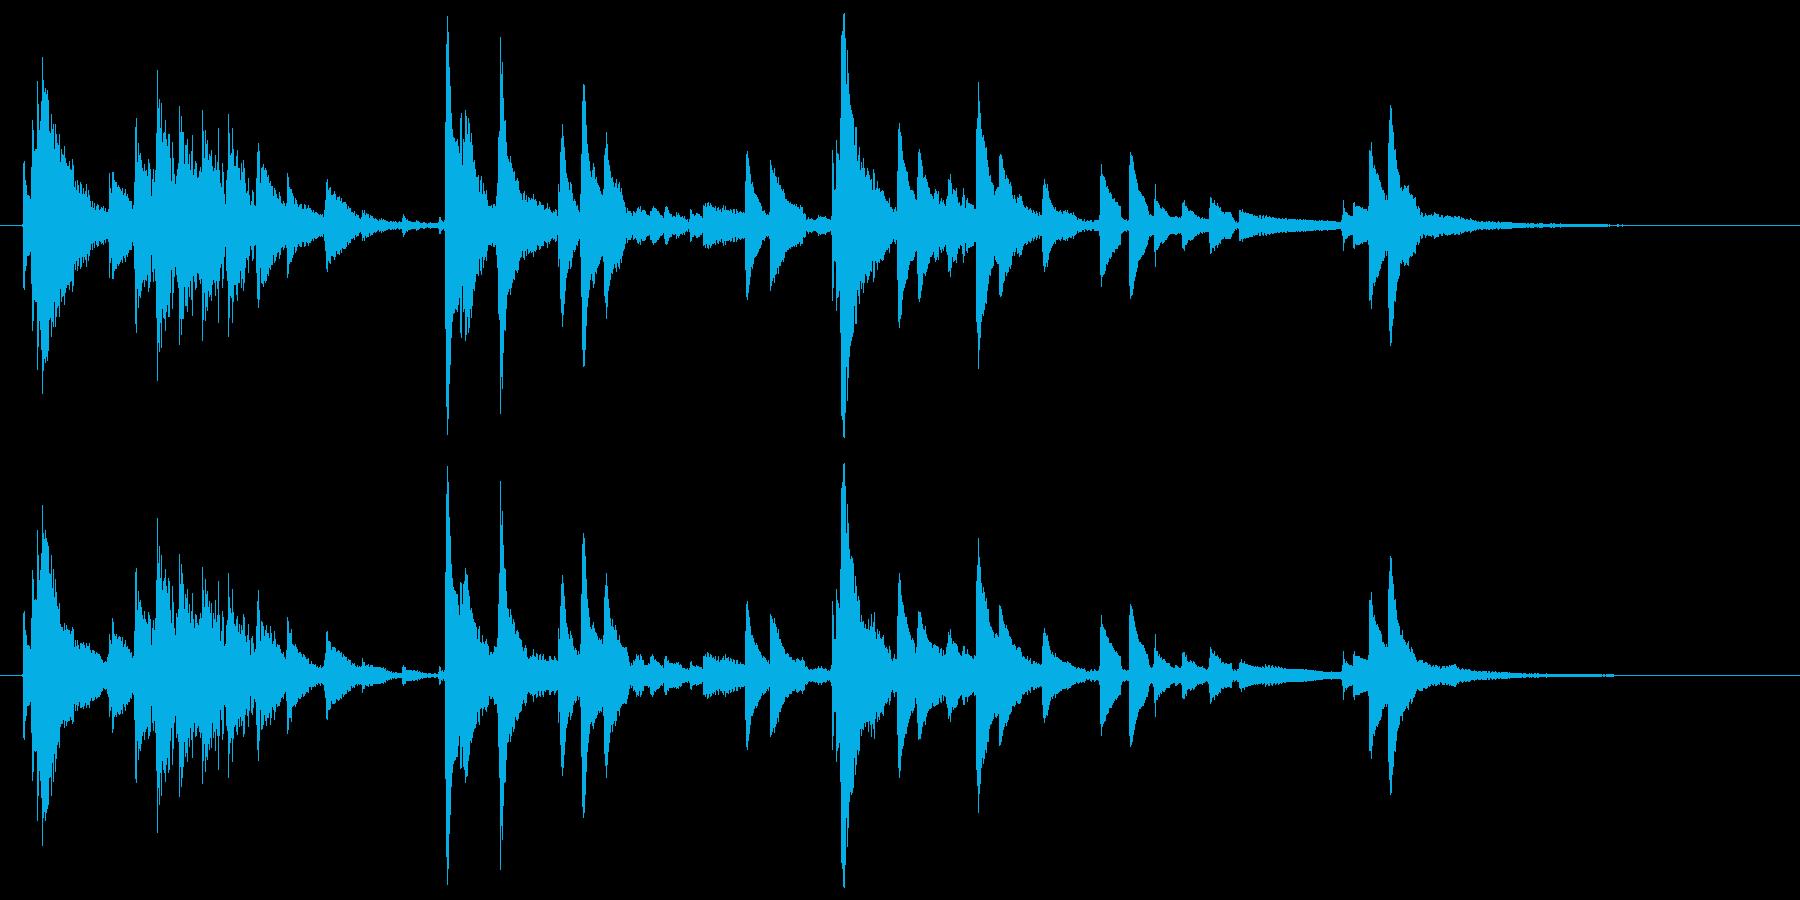 ウクレレハワイアンフレーズ5の再生済みの波形